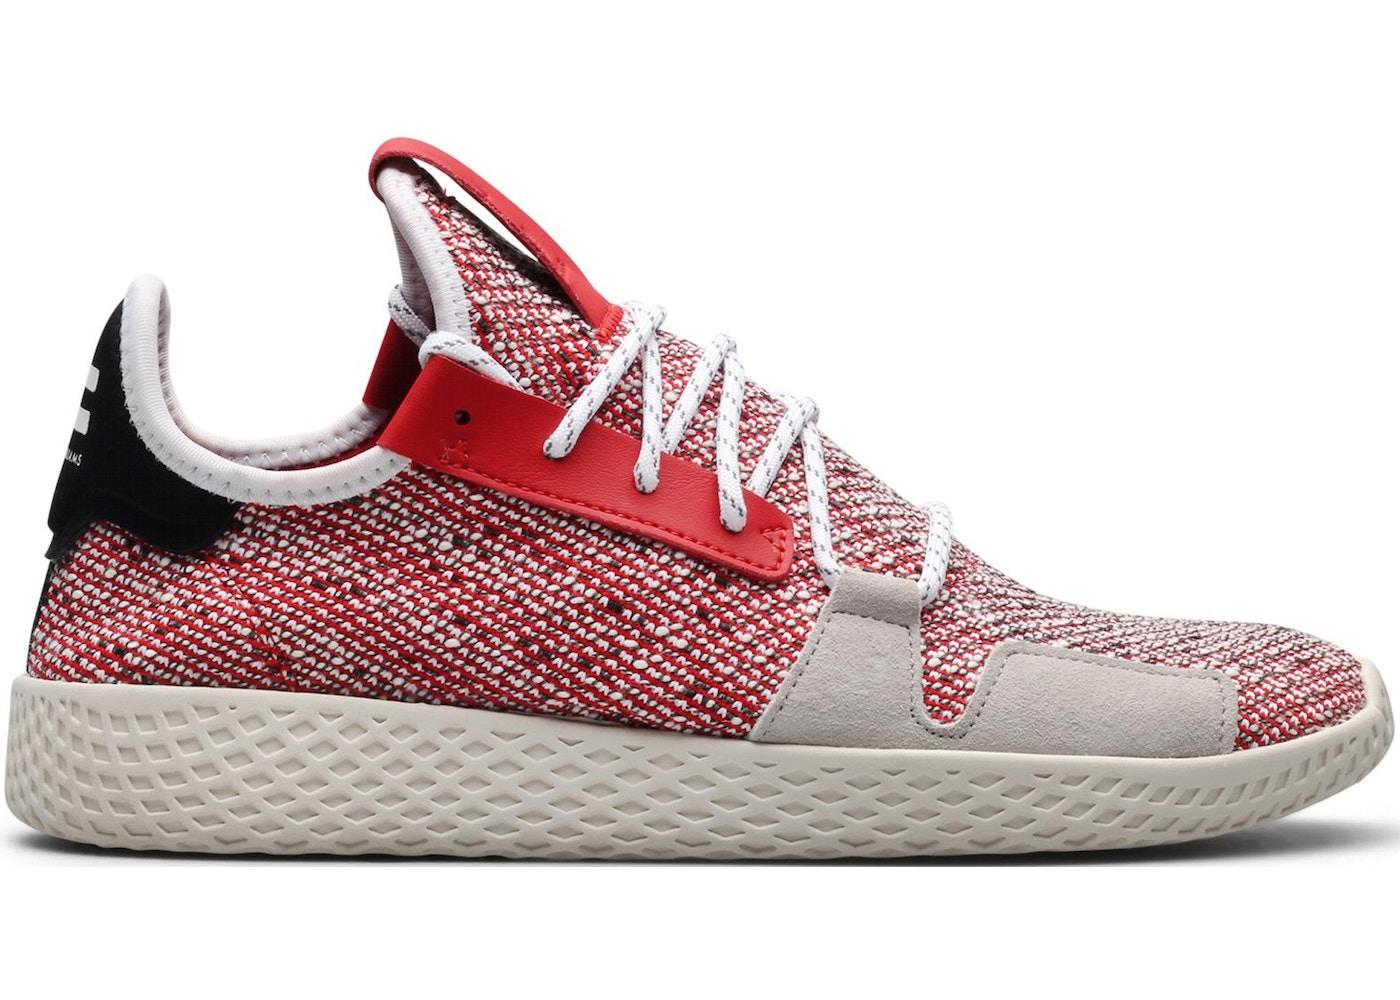 adidas Tennis Hu V2 Pharrell Solar Pack Scarlet